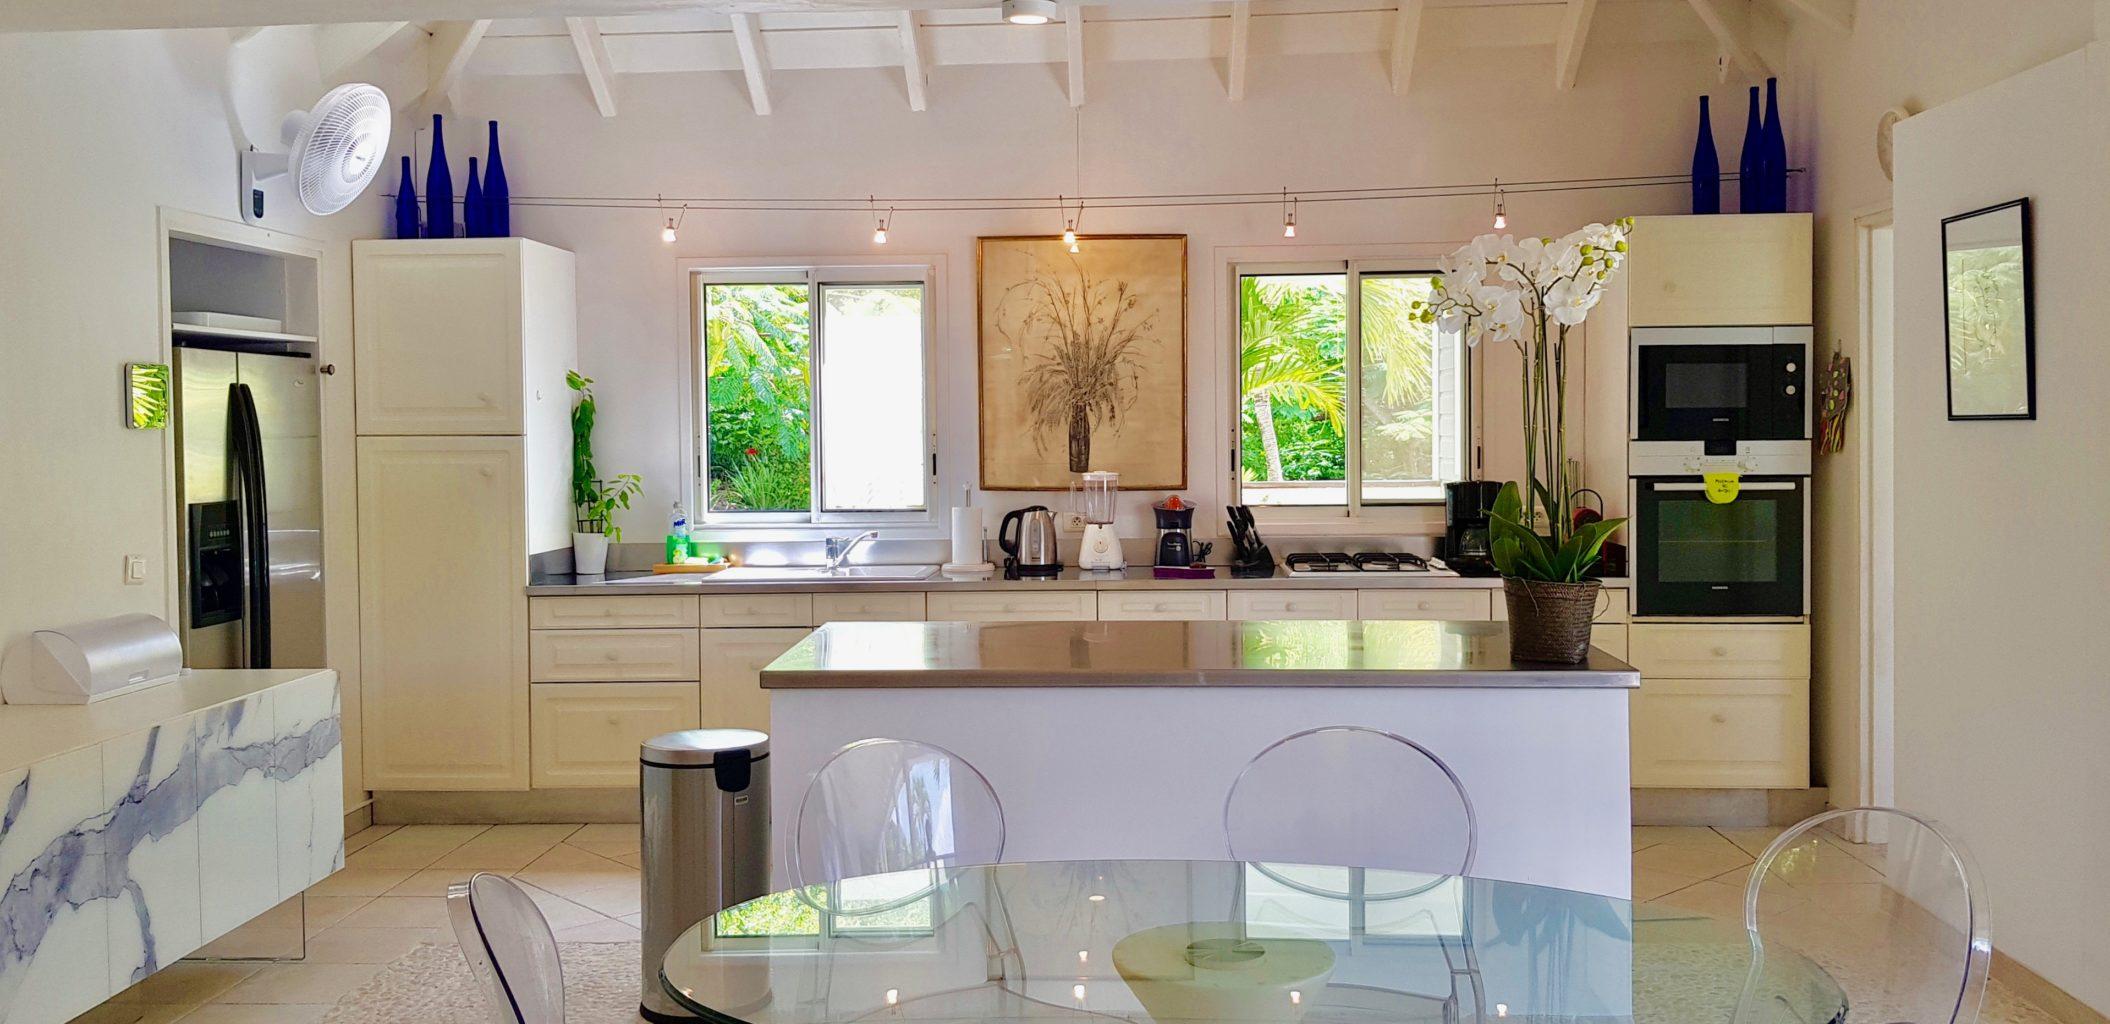 Villa Ylang Ylang - Isolated Villa for Rent St Barth Flamands with Pool - Kitchen